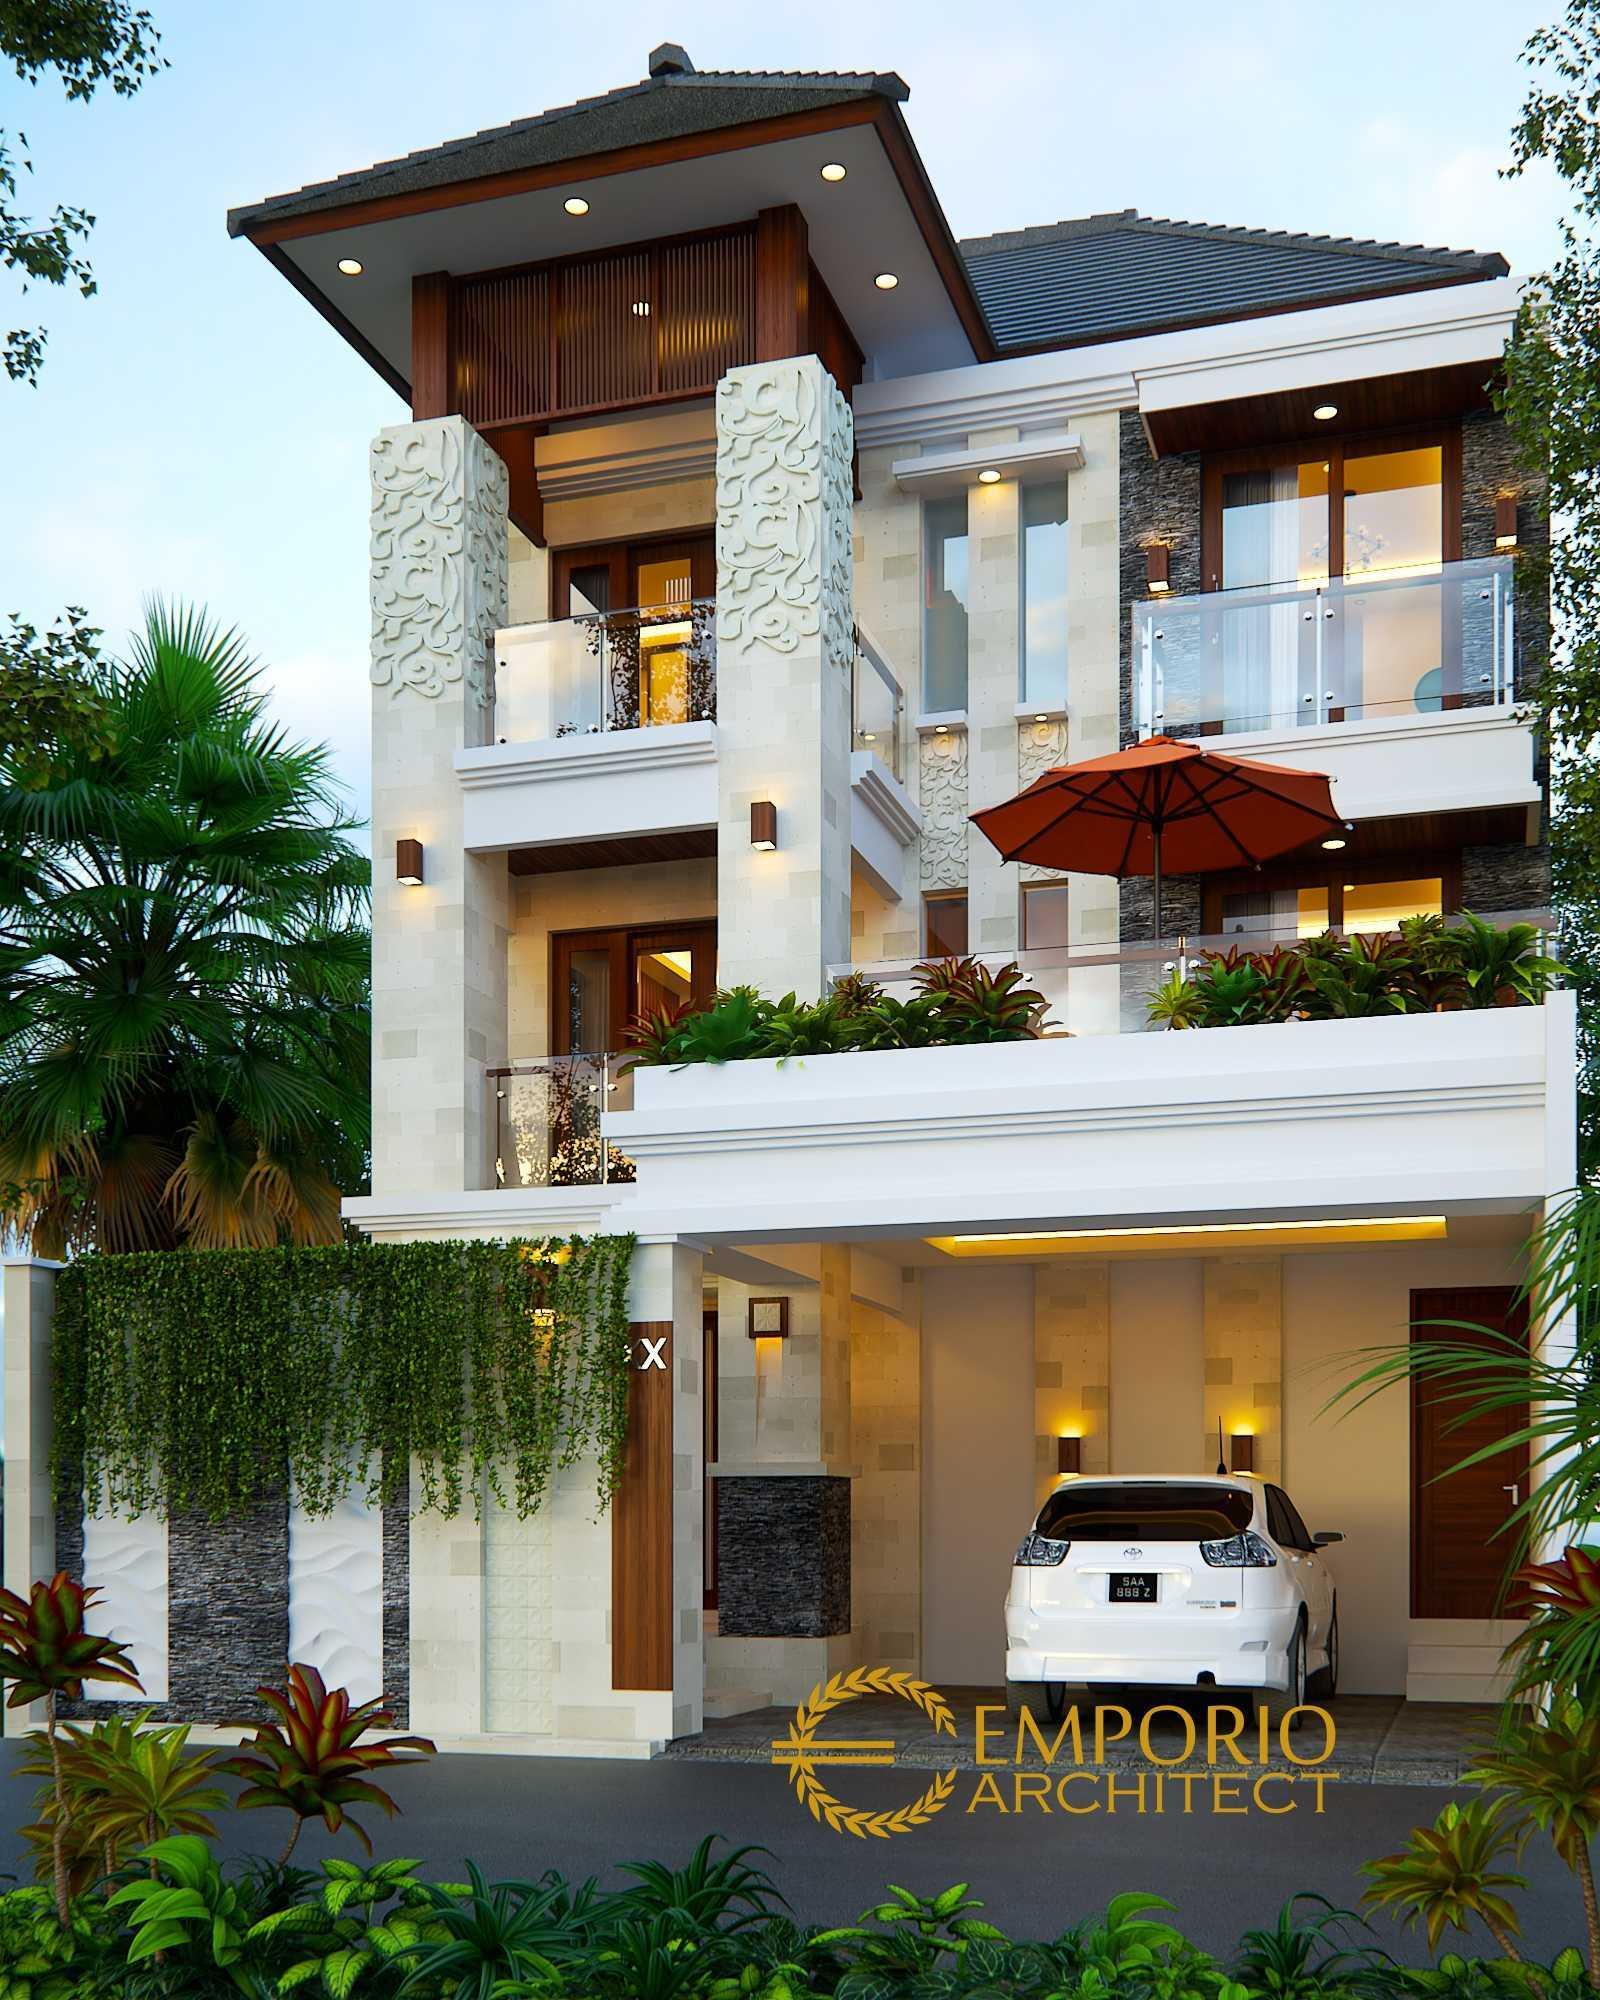 Emporio Architect Desain Rumah Villa Bali Tropis 610 @ Palembang Palembang, Kota Palembang, Sumatera Selatan, Indonesia Palembang, Kota Palembang, Sumatera Selatan, Indonesia Emporio-Architect-Desain-Rumah-Villa-Bali-Tropis-610-Palembang Tropical 77562